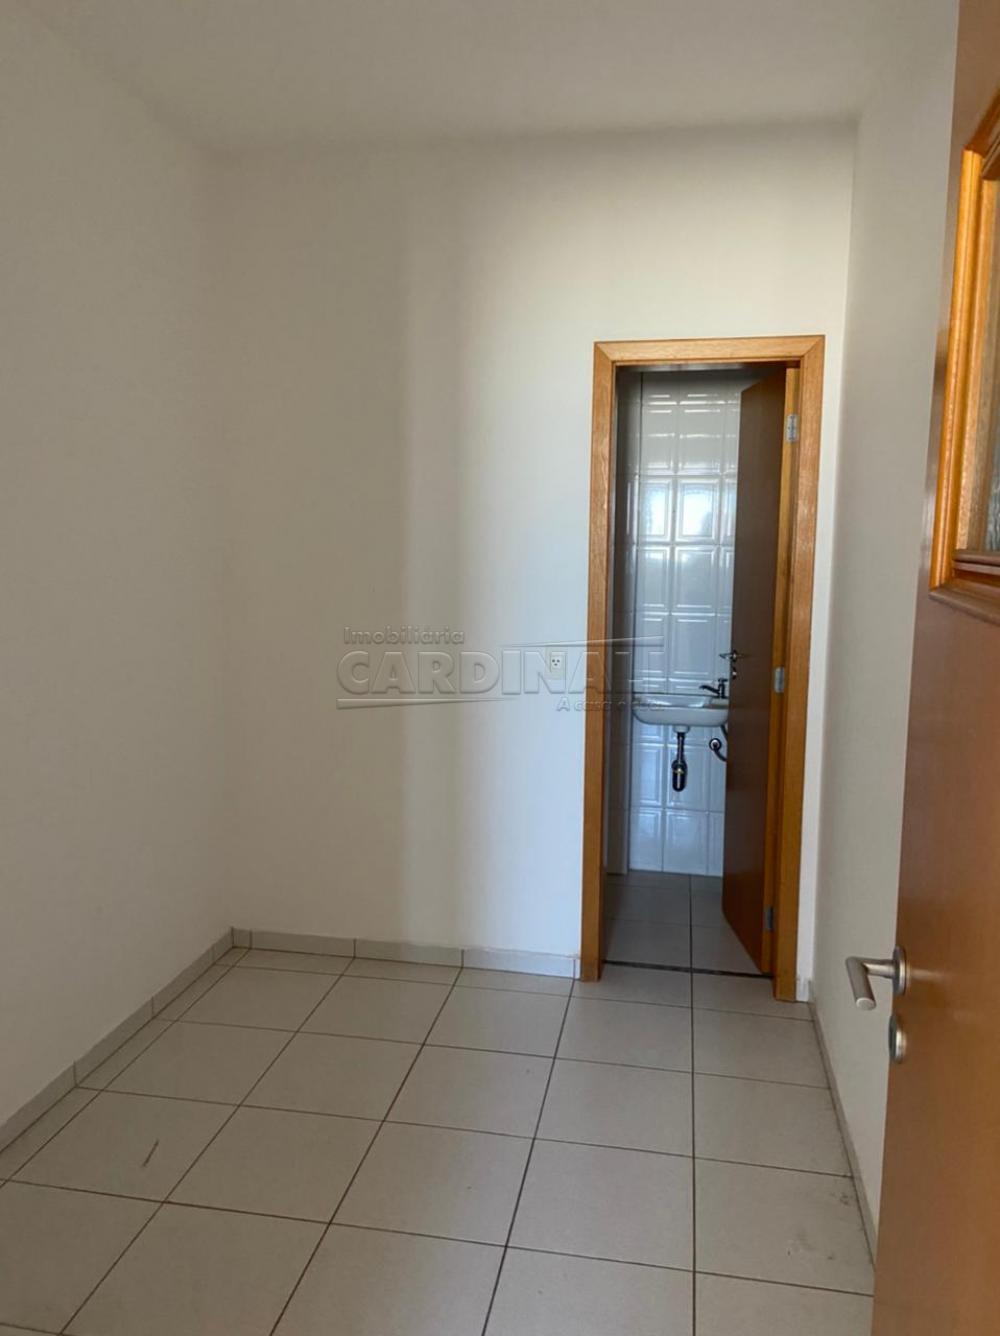 Alugar Apartamento / Padrão em São Carlos R$ 1.778,00 - Foto 16